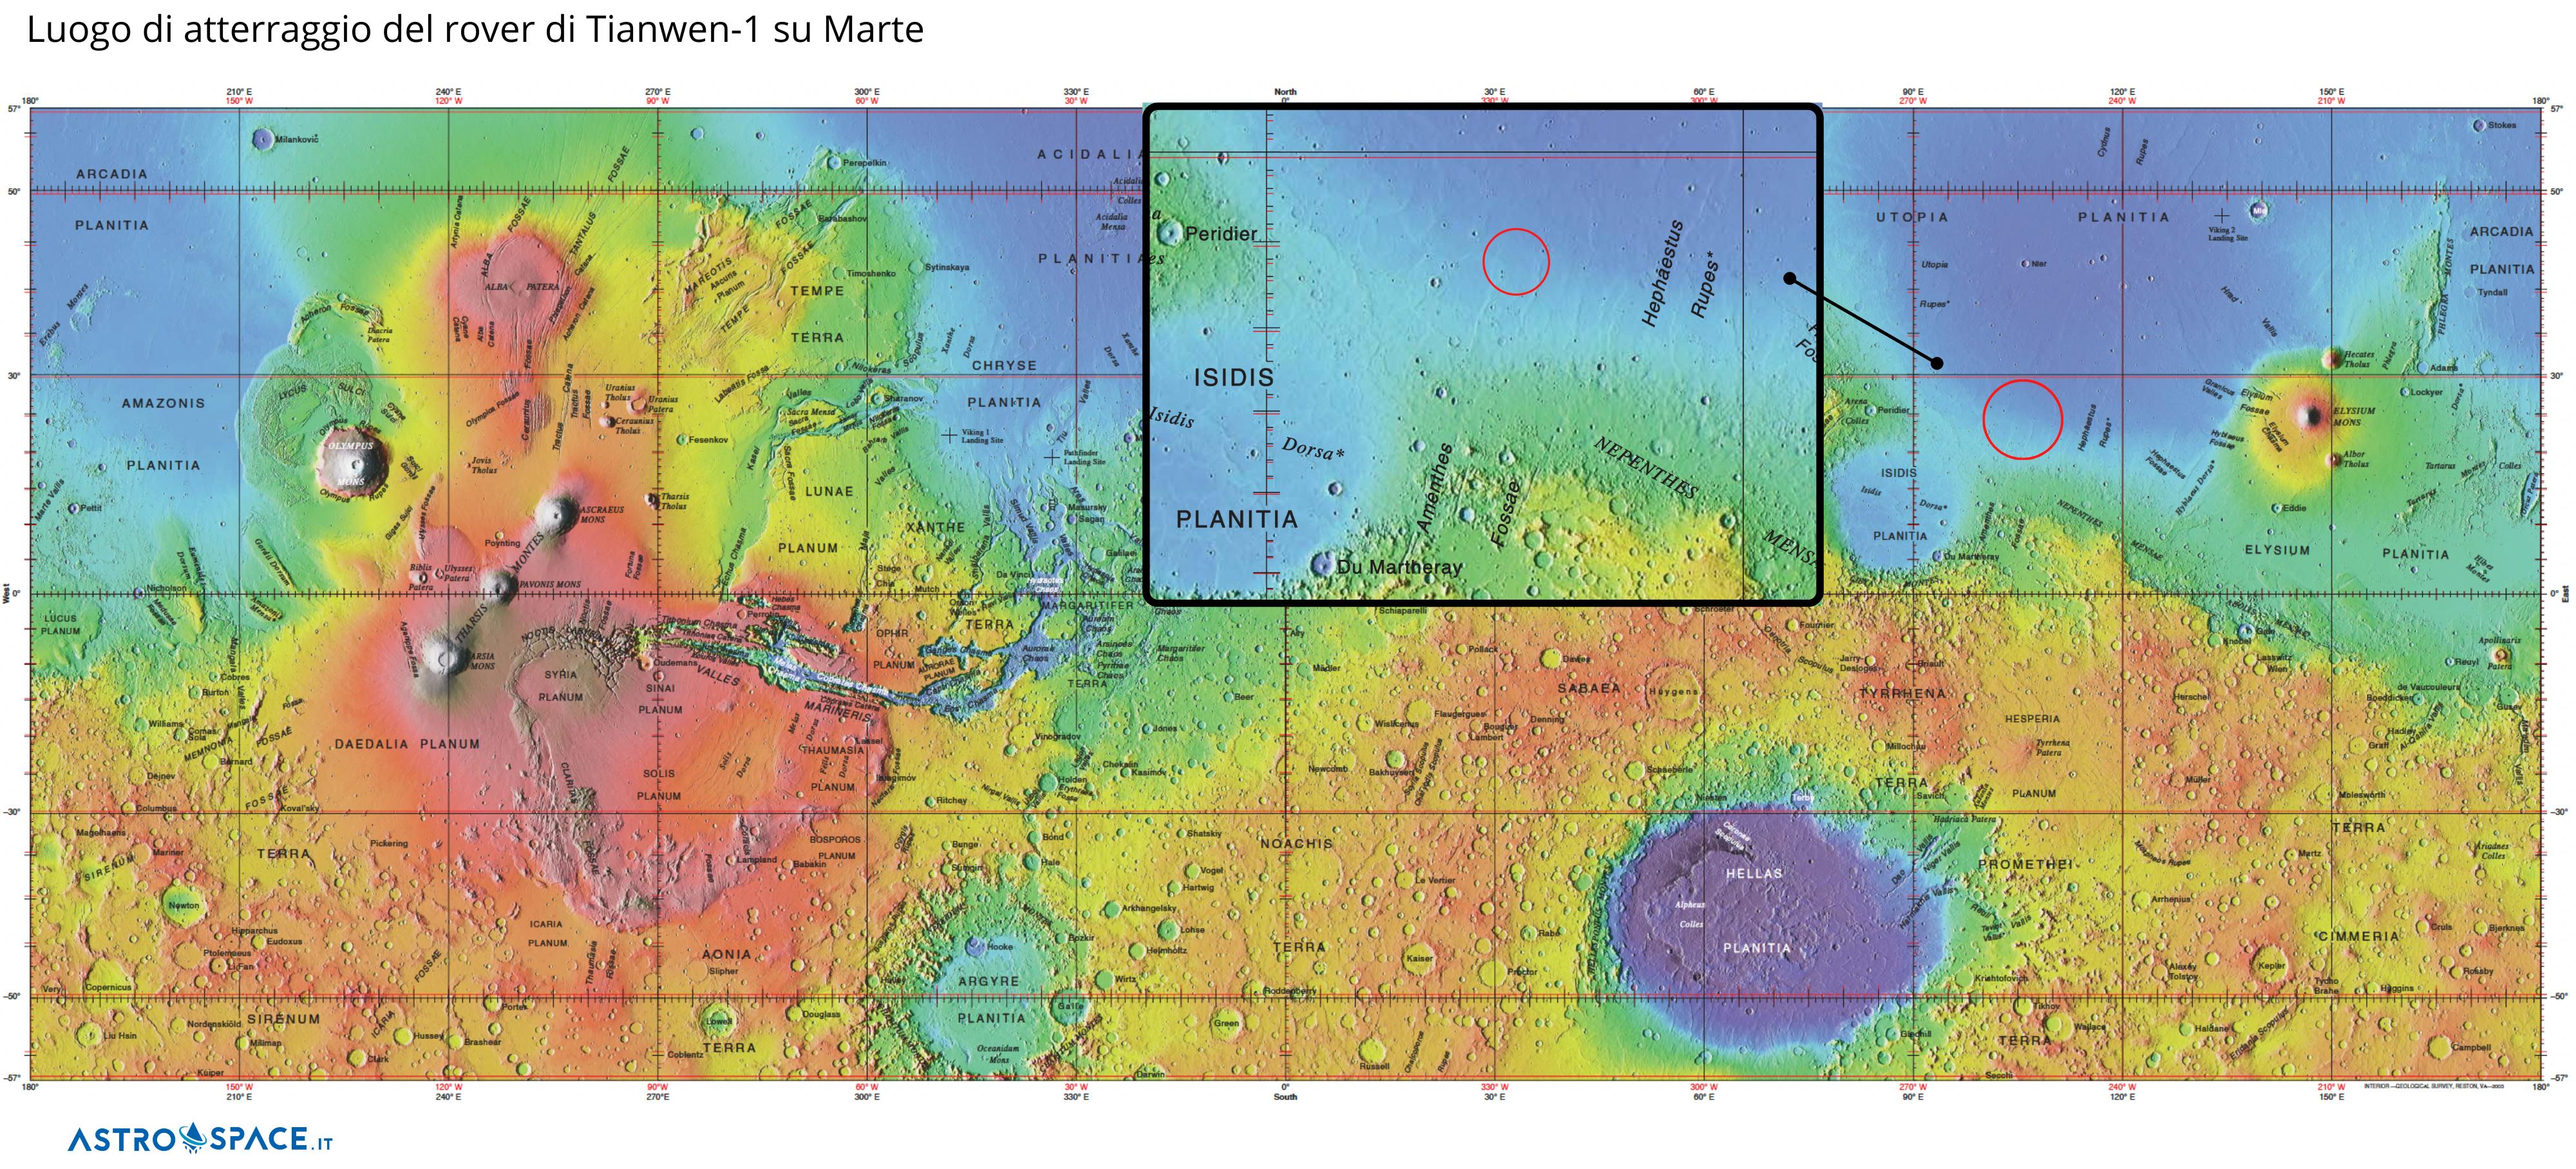 Il luogo di atterraggio del rover di Tianwen-1 su Marte. Si trova in Utopia Planitia, alle coordinate 110.318 gradi di longitudine est, e 24.748 gradi di latitudine nord. Credits: Astrospace.it/ CC BY-SA 4.0